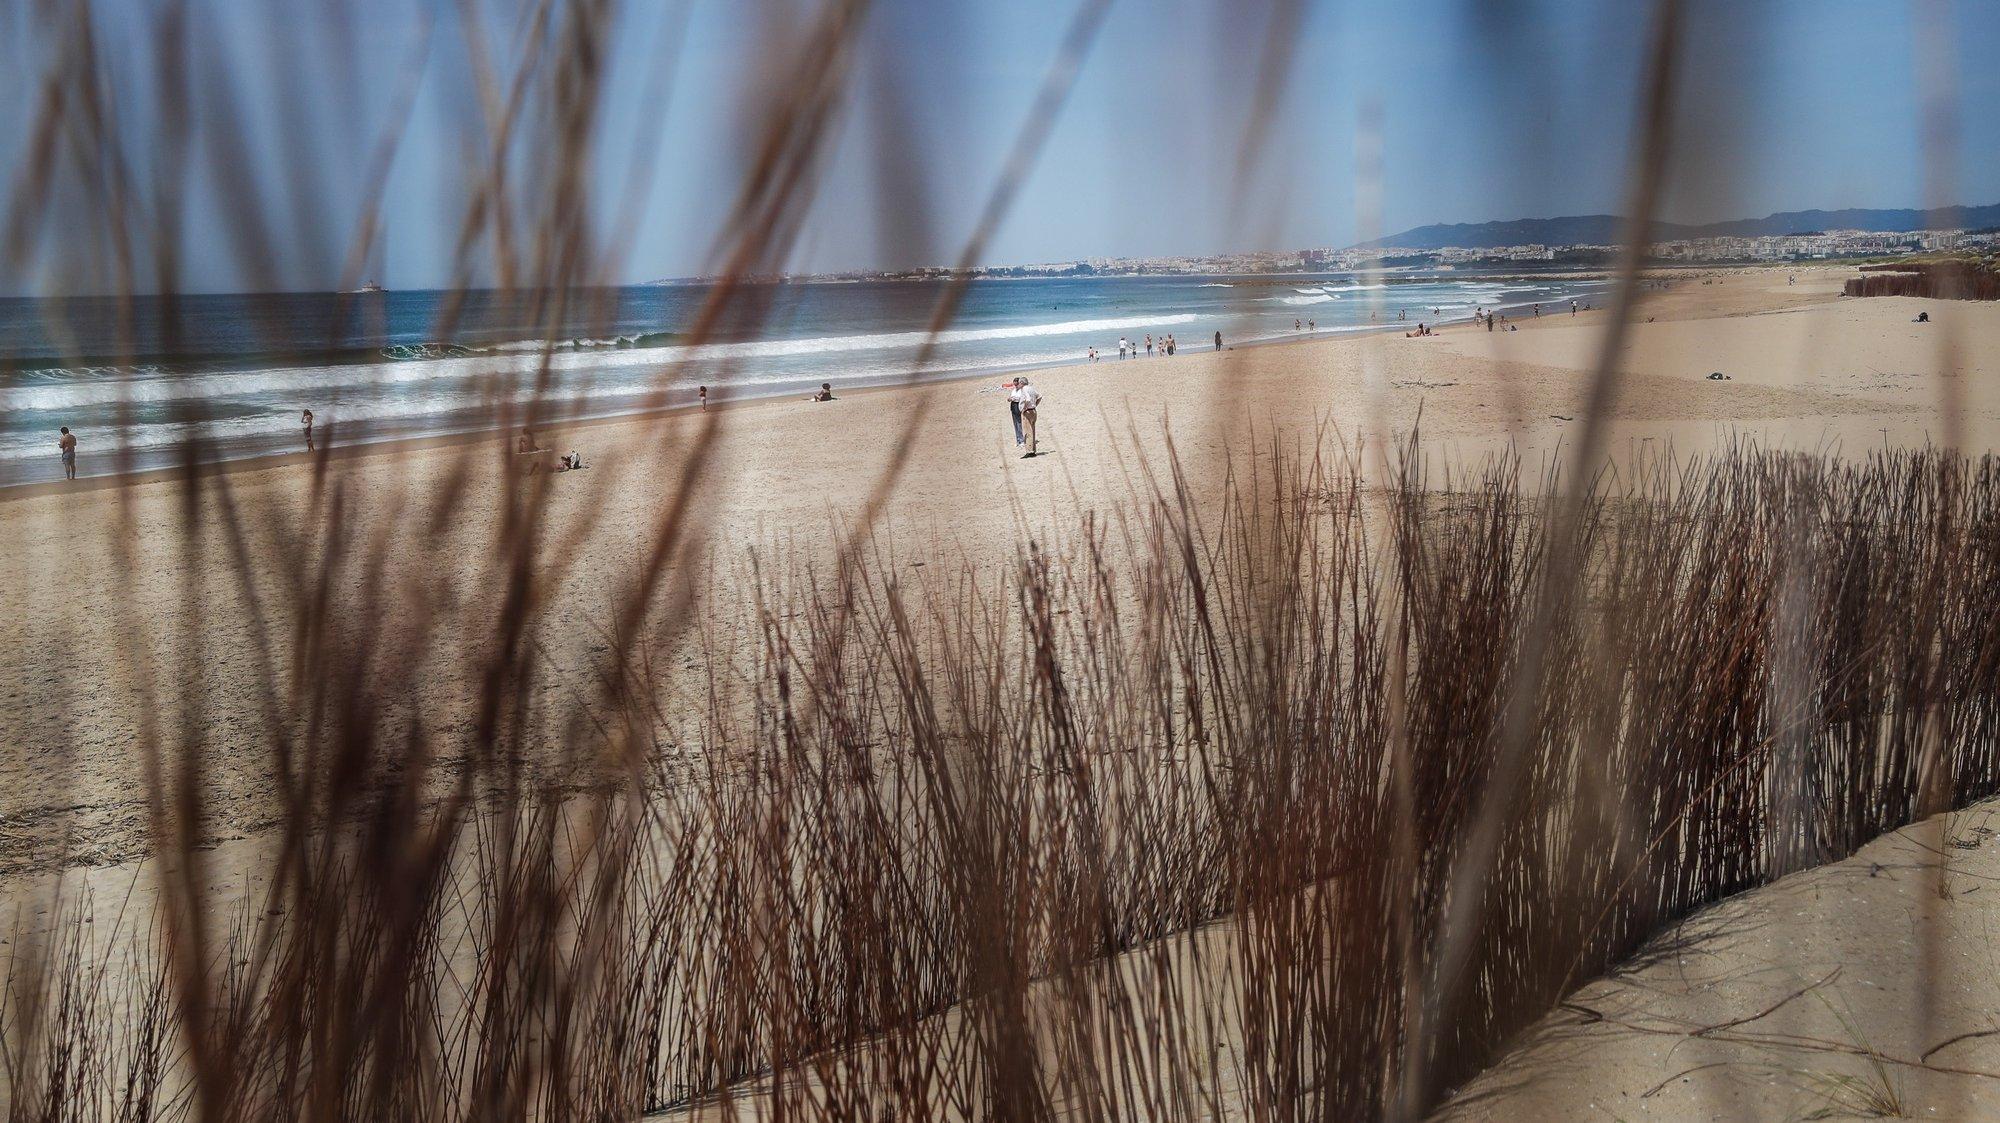 Pessoas na praia do Inatel, na Costa de Caparica, no dia que entrou em vigor o Estado de Calamidade devido à situação epidemiológica da covid-19, em Almada, 3 de maio de 2020. Com o aumento da temperatura e o fim do estado de emergência a praia foi o destino procurado por alguns portugueses. MÁRIO CRUZ/LUSA